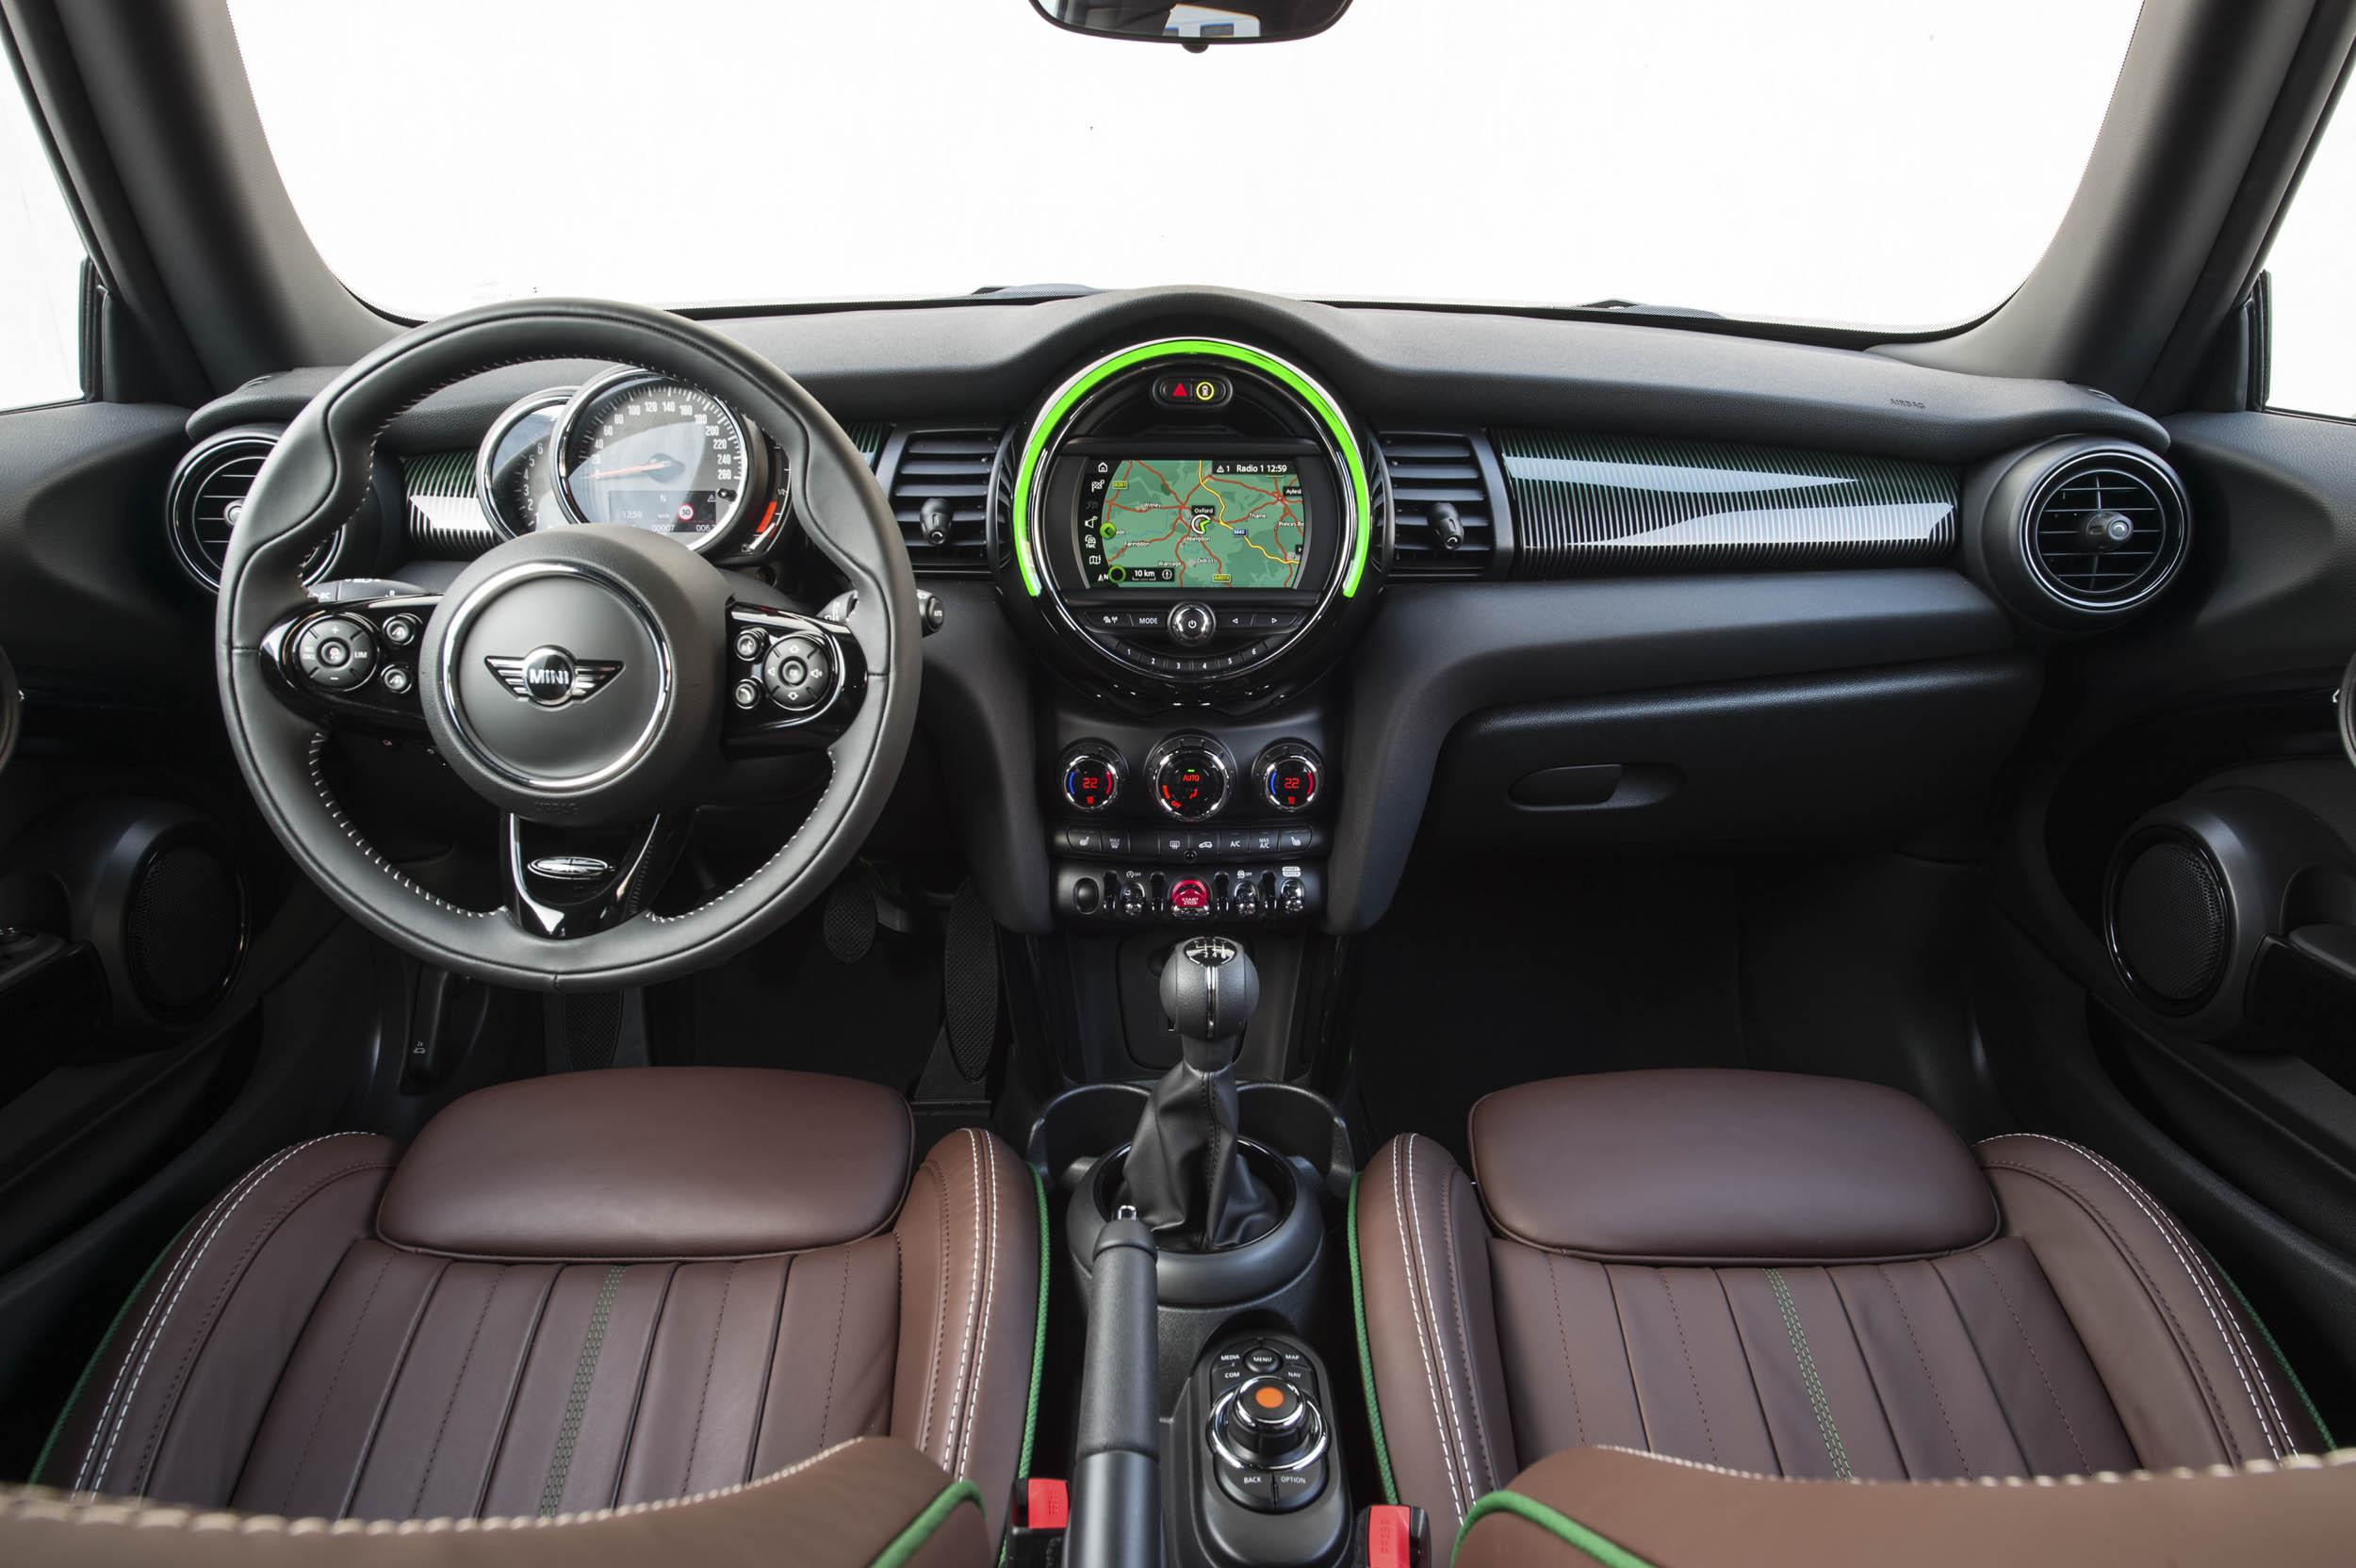 60th anniversary Mini Cooper interior